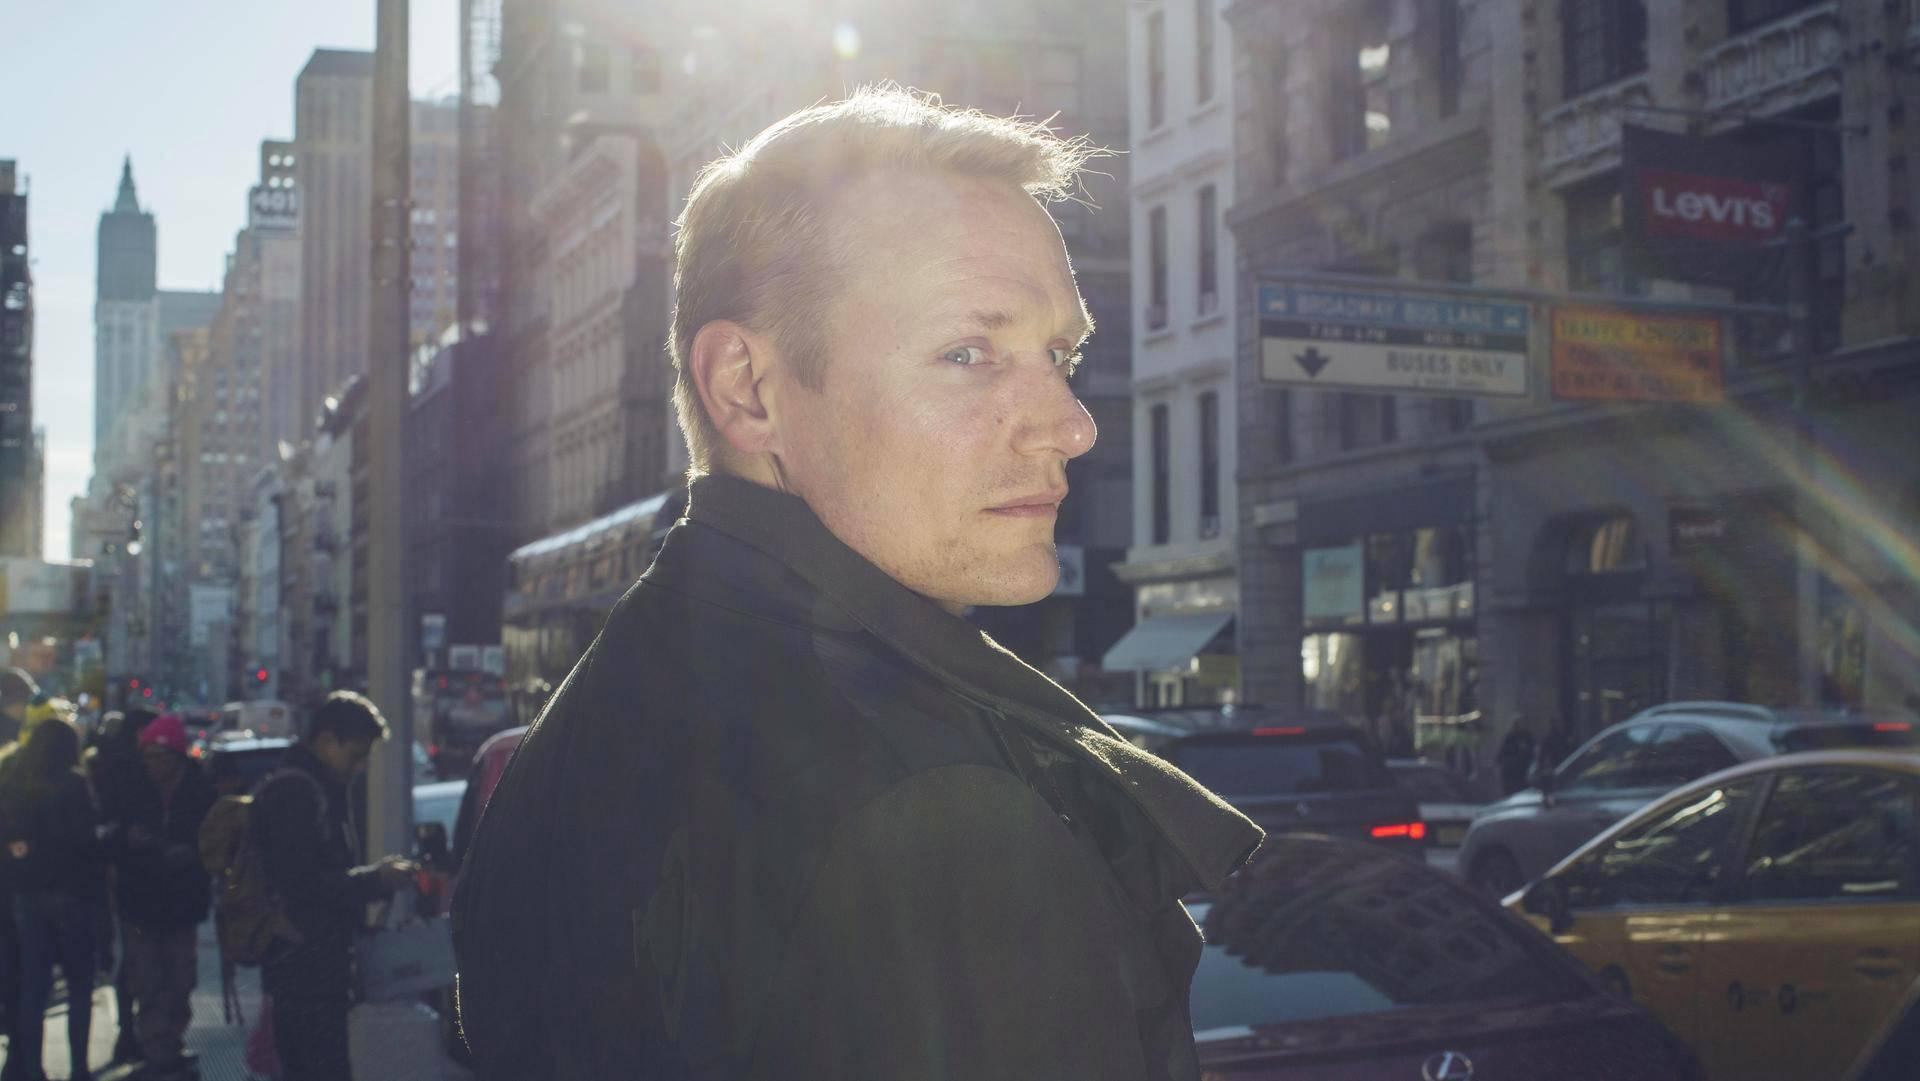 Vaateteollisuudella on valtavia maailmanlaajuisia vaikutuksia, sanoo New Yorkissa asuva muodin tutkija ja professori Timo Rissanen.